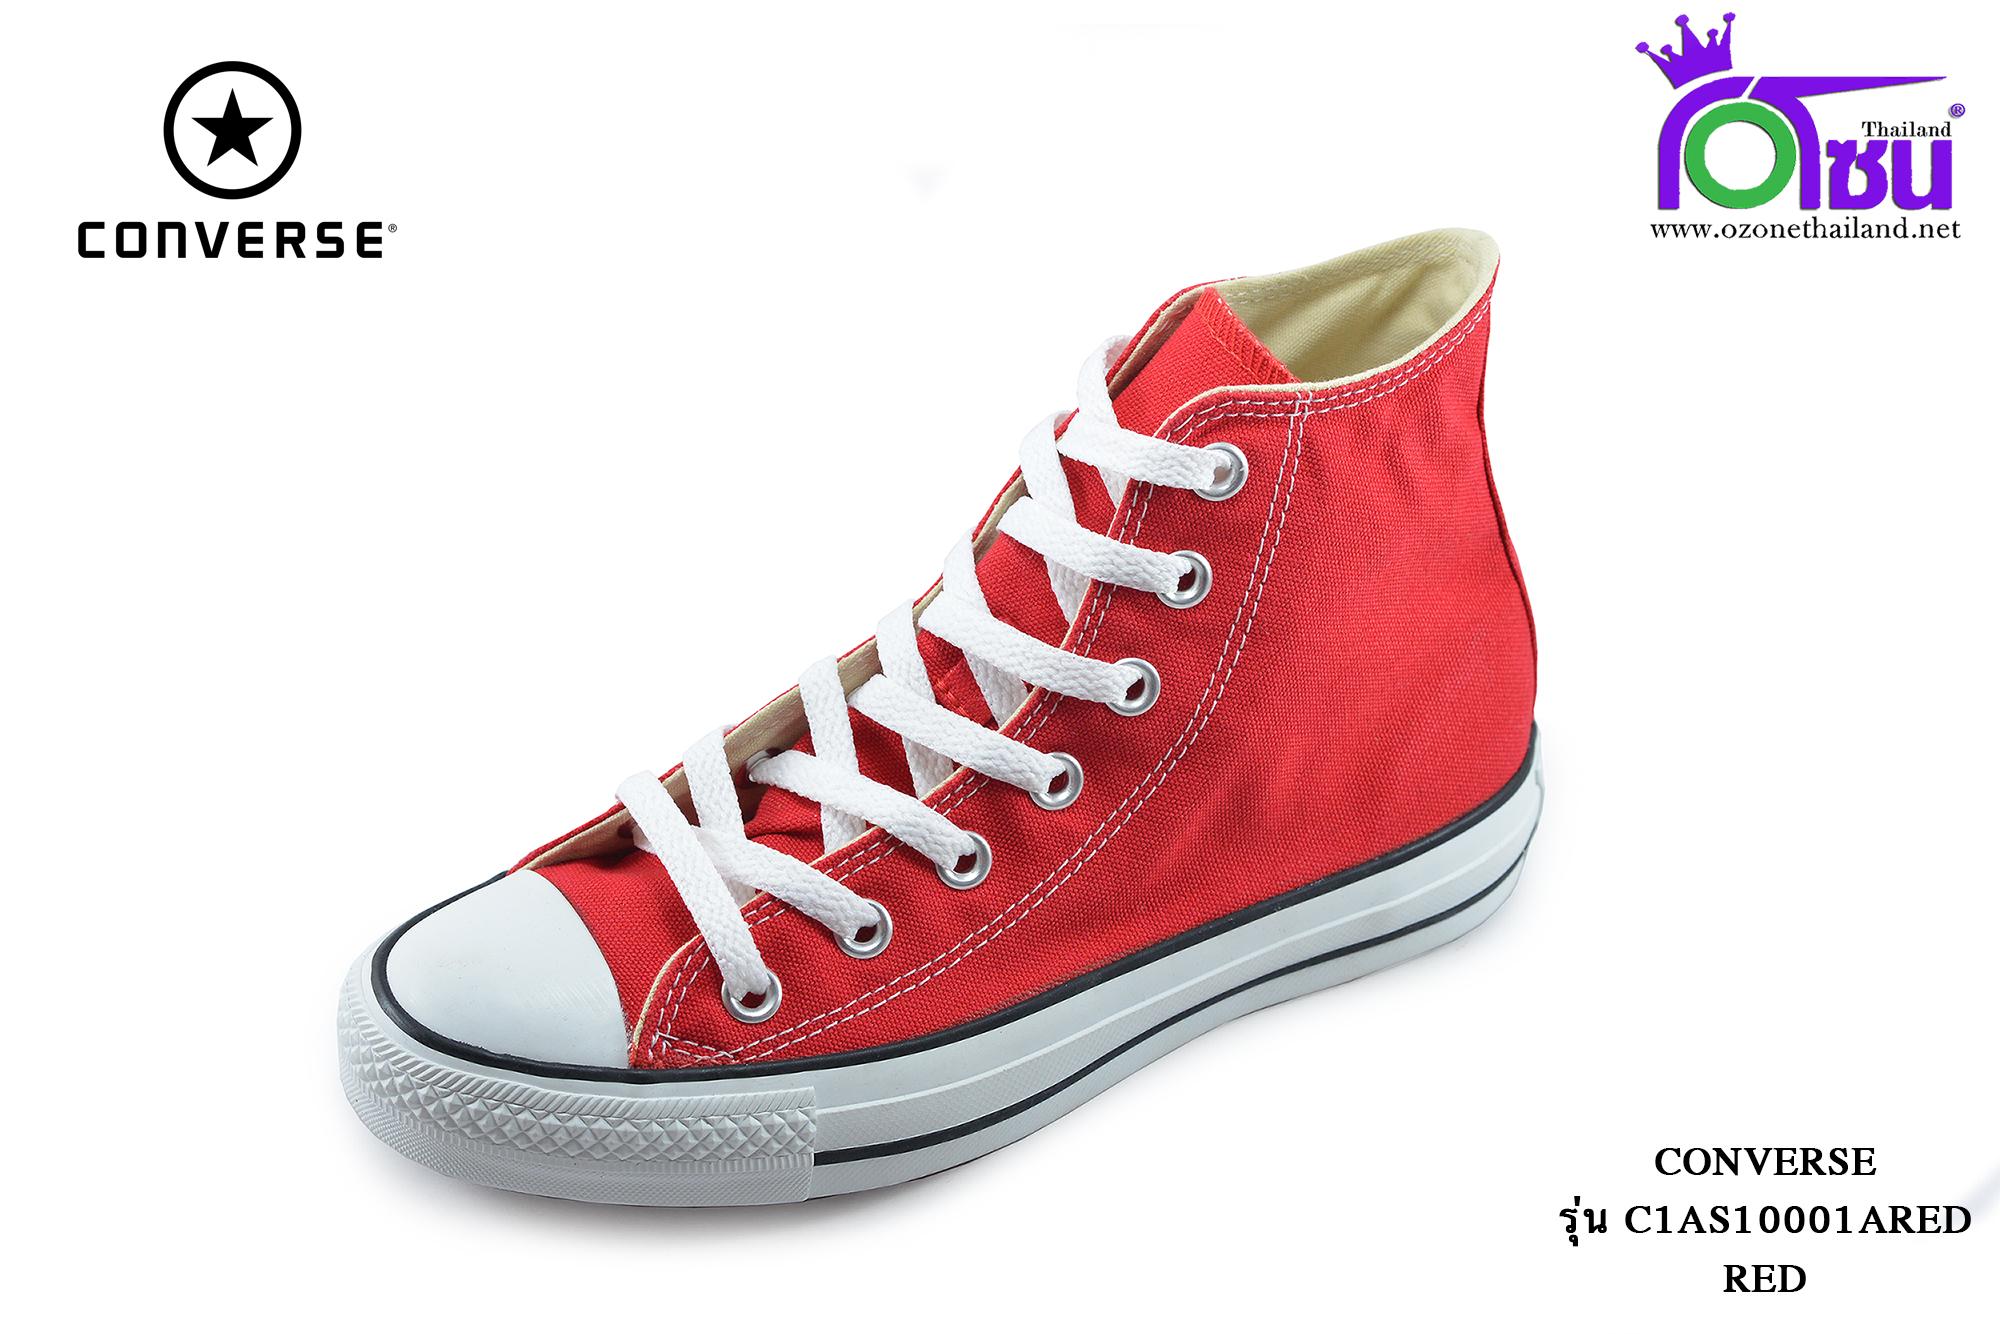 รองเท้าผ้าใบ Converse All star hi red (รุ่นคลาสสิค)